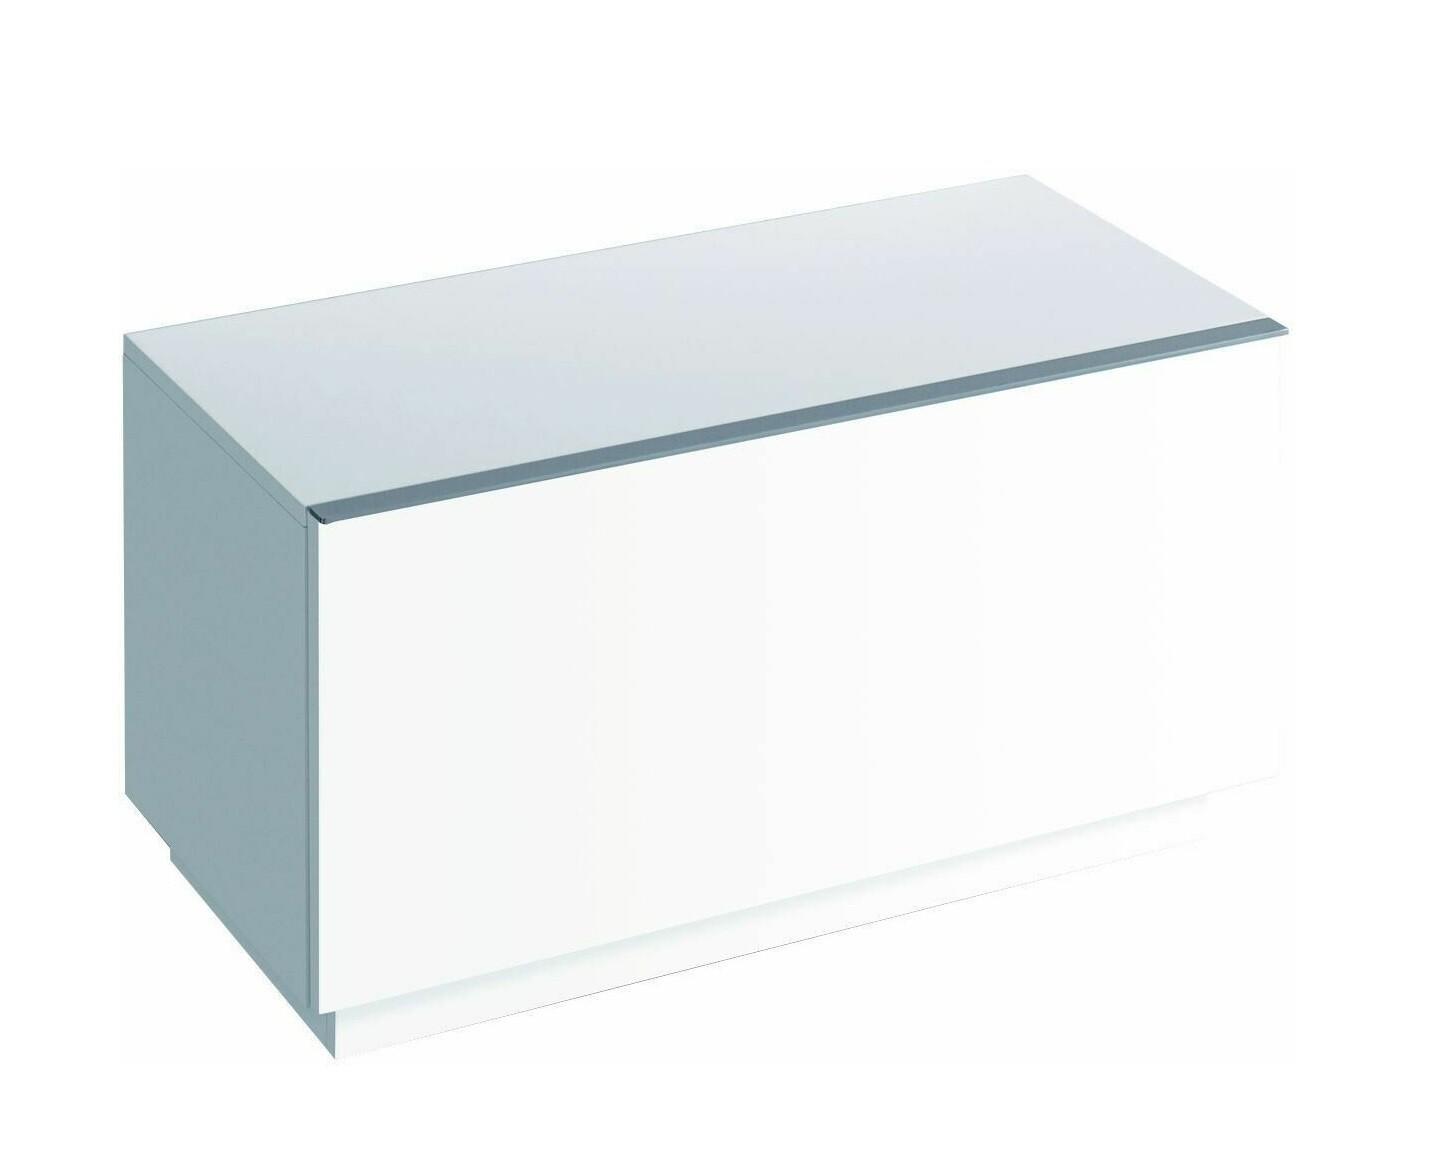 Meuble latéral bas Geberit / Keramag iCon 89 cm avec un tiroir au sol en blanc laqué ultra-brillant